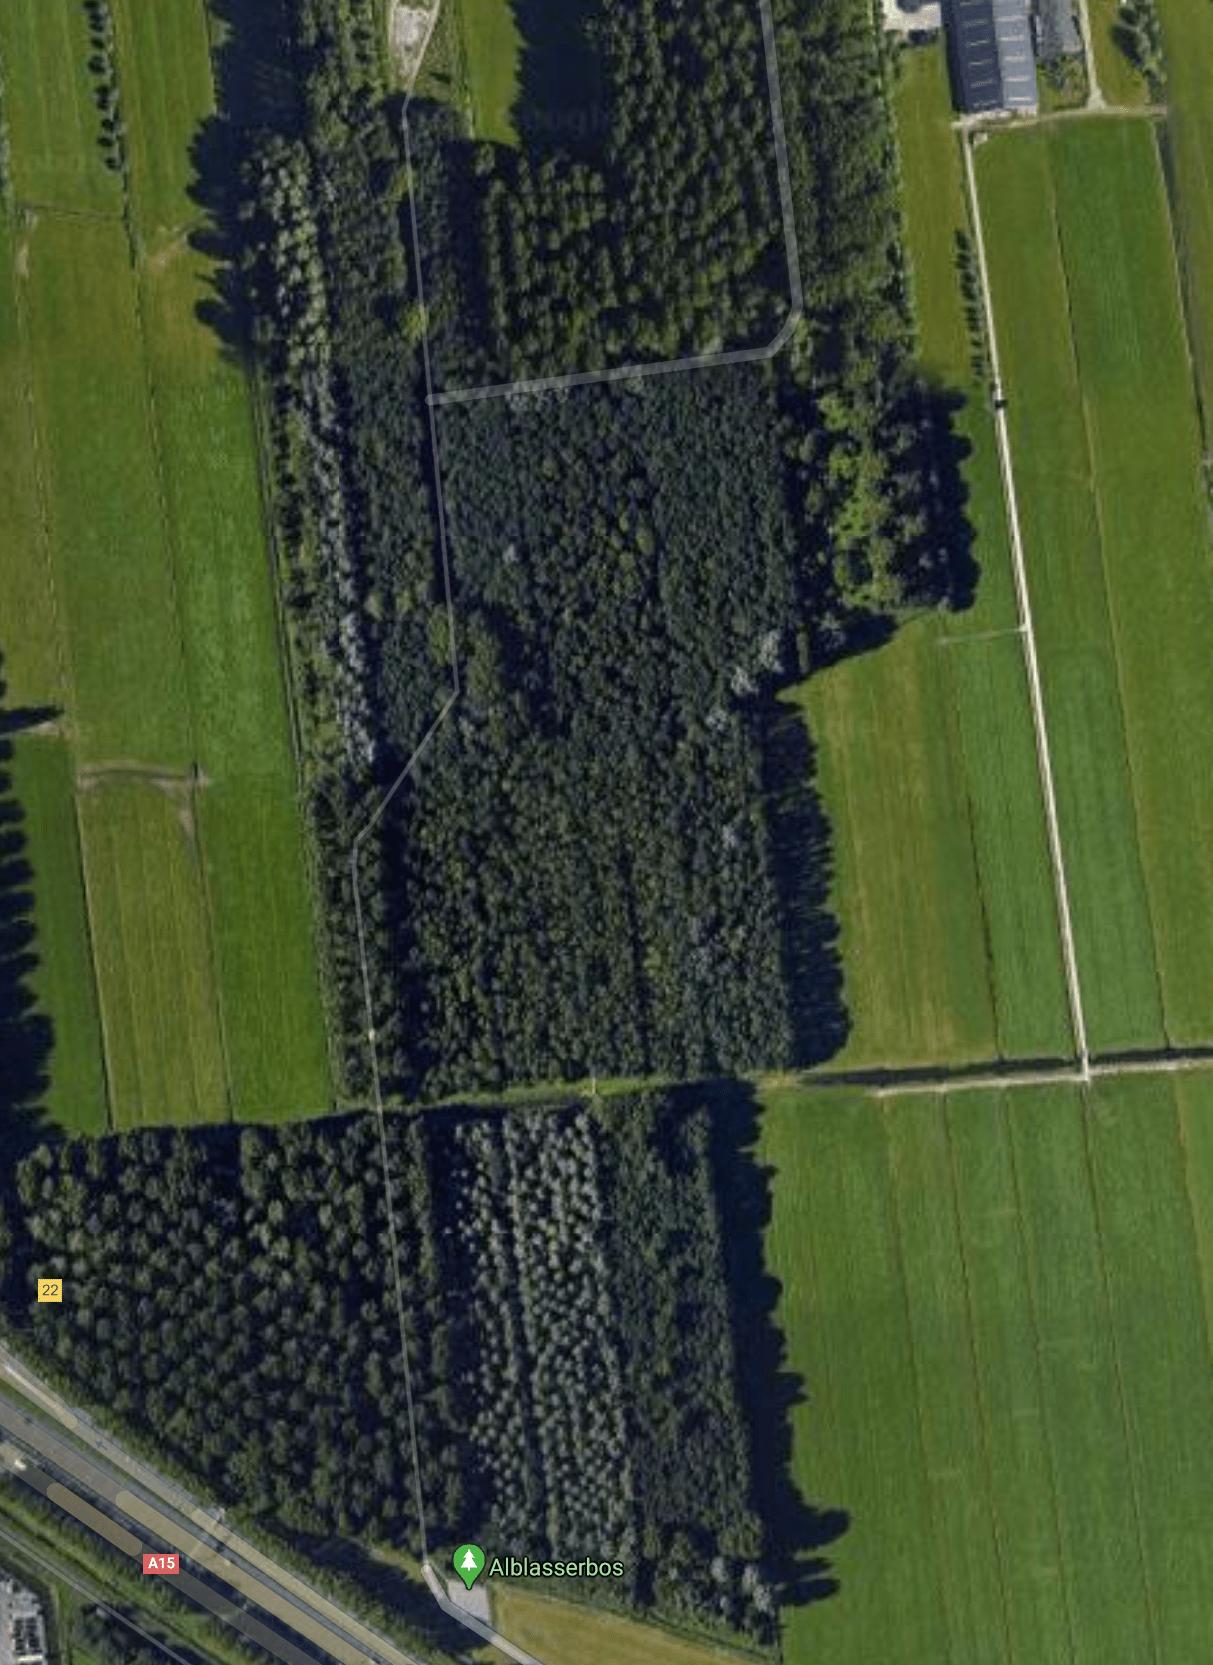 google-maps-met-nog-oude-deel-van-bos-voor-kap-elzen